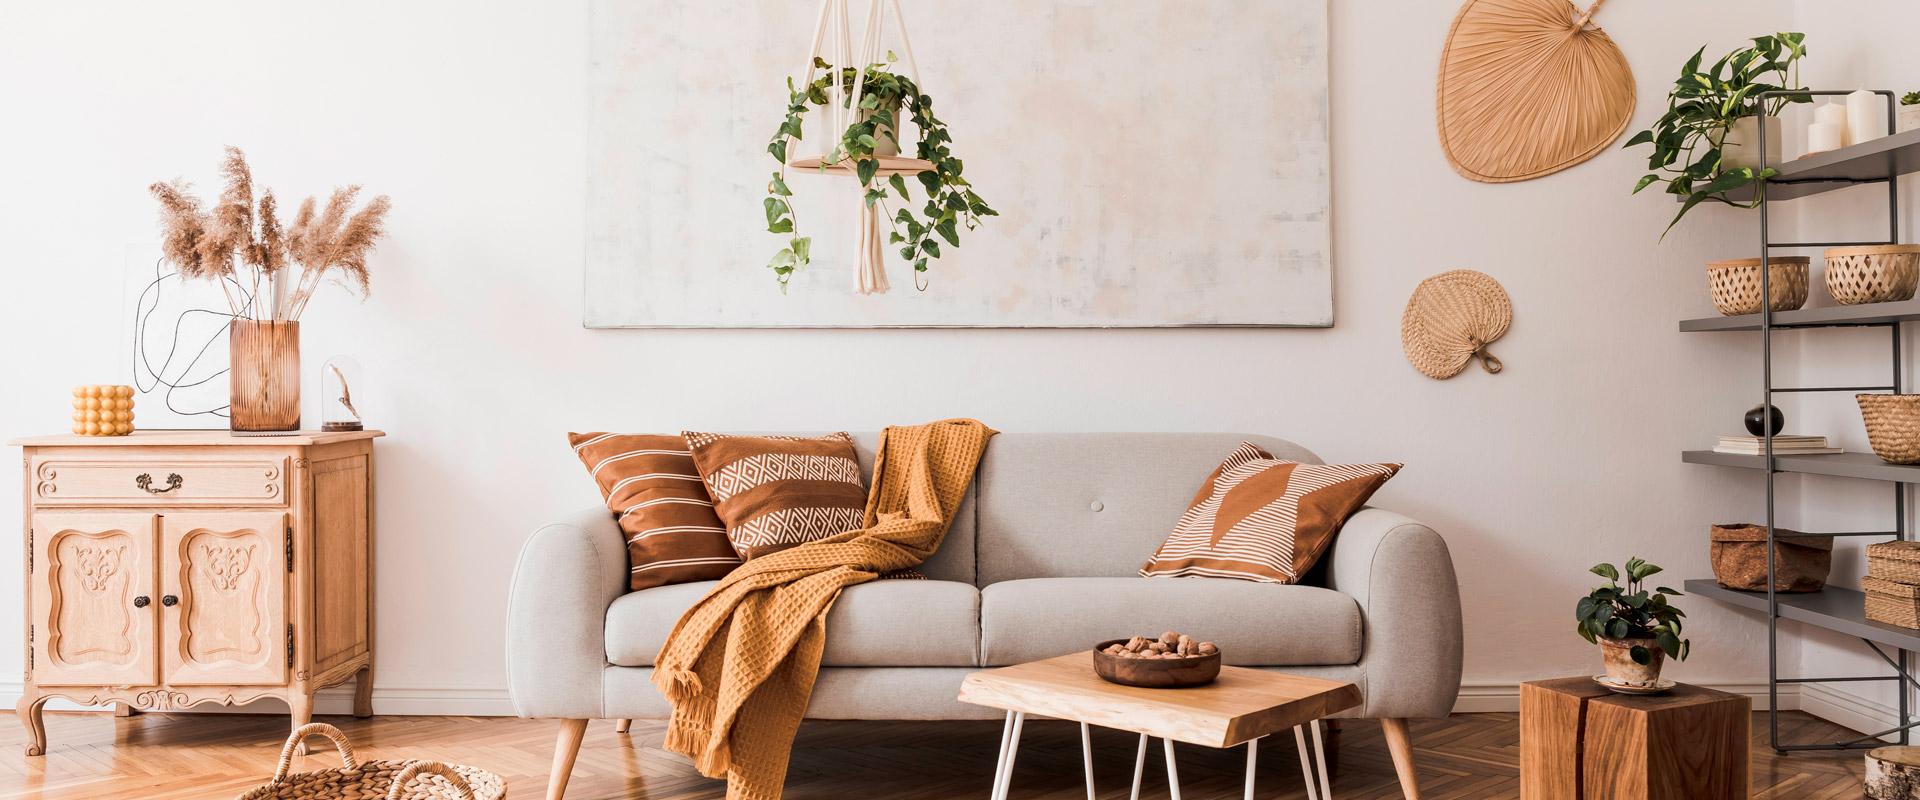 Tendências de decoração de interiores para 2021